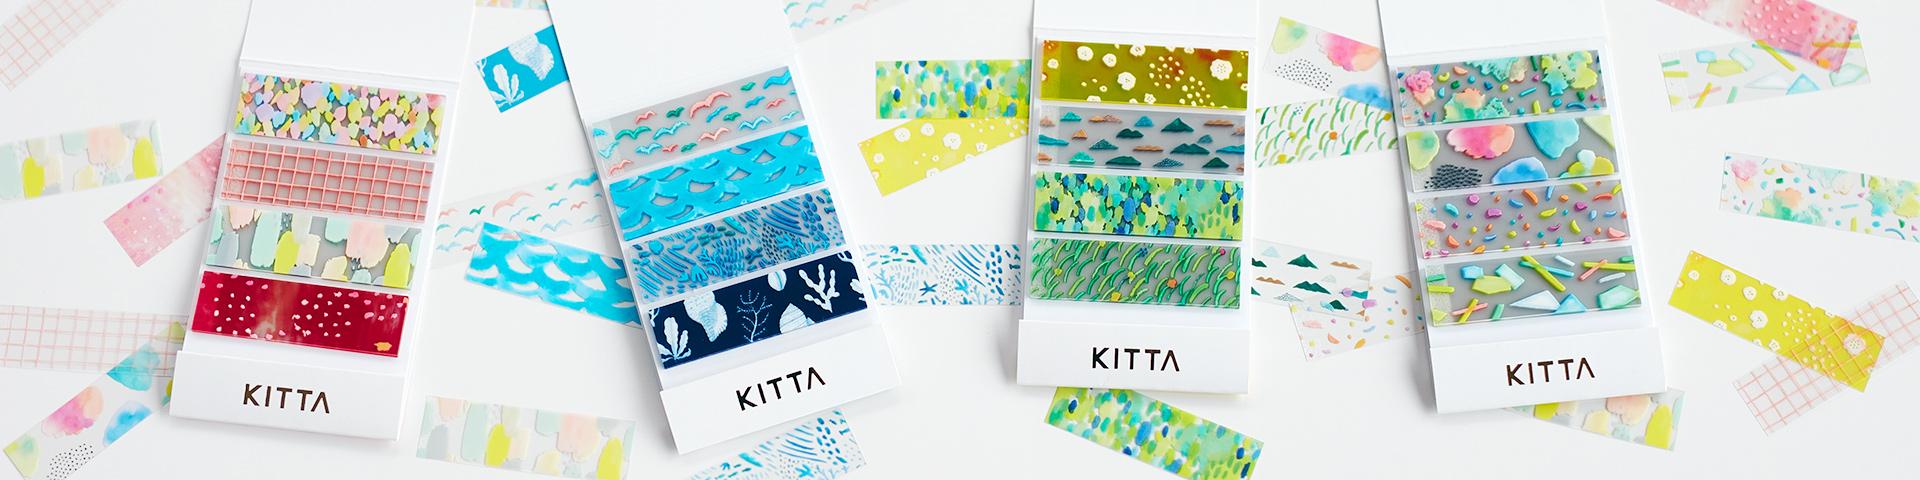 kitta_lineup_main_im05.jpg